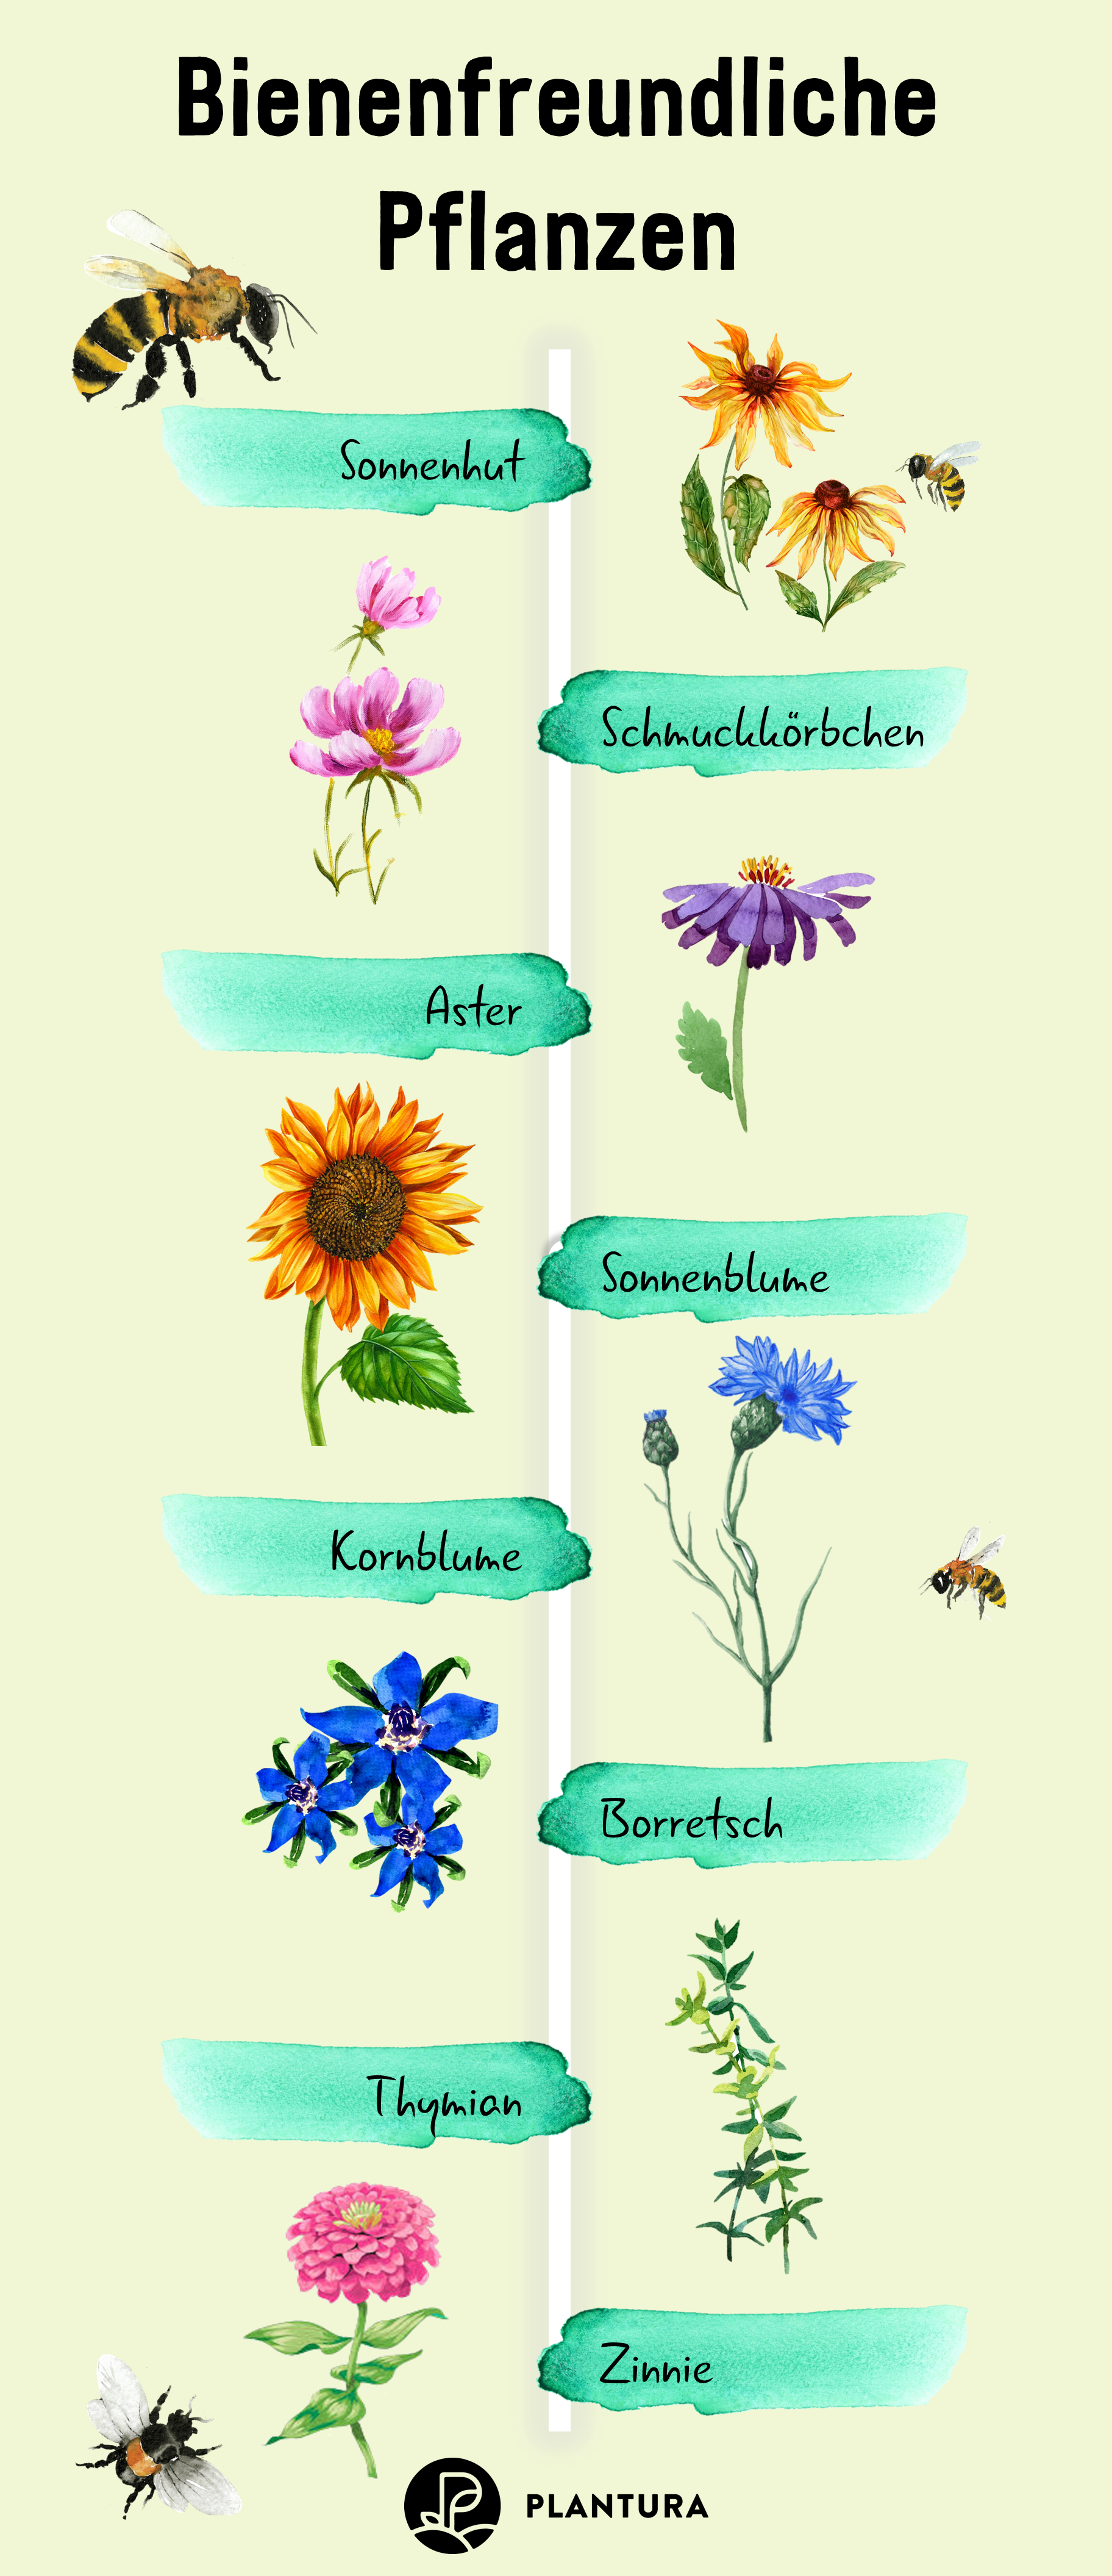 Bienenfreundliche Pflanzen für Euren Garten